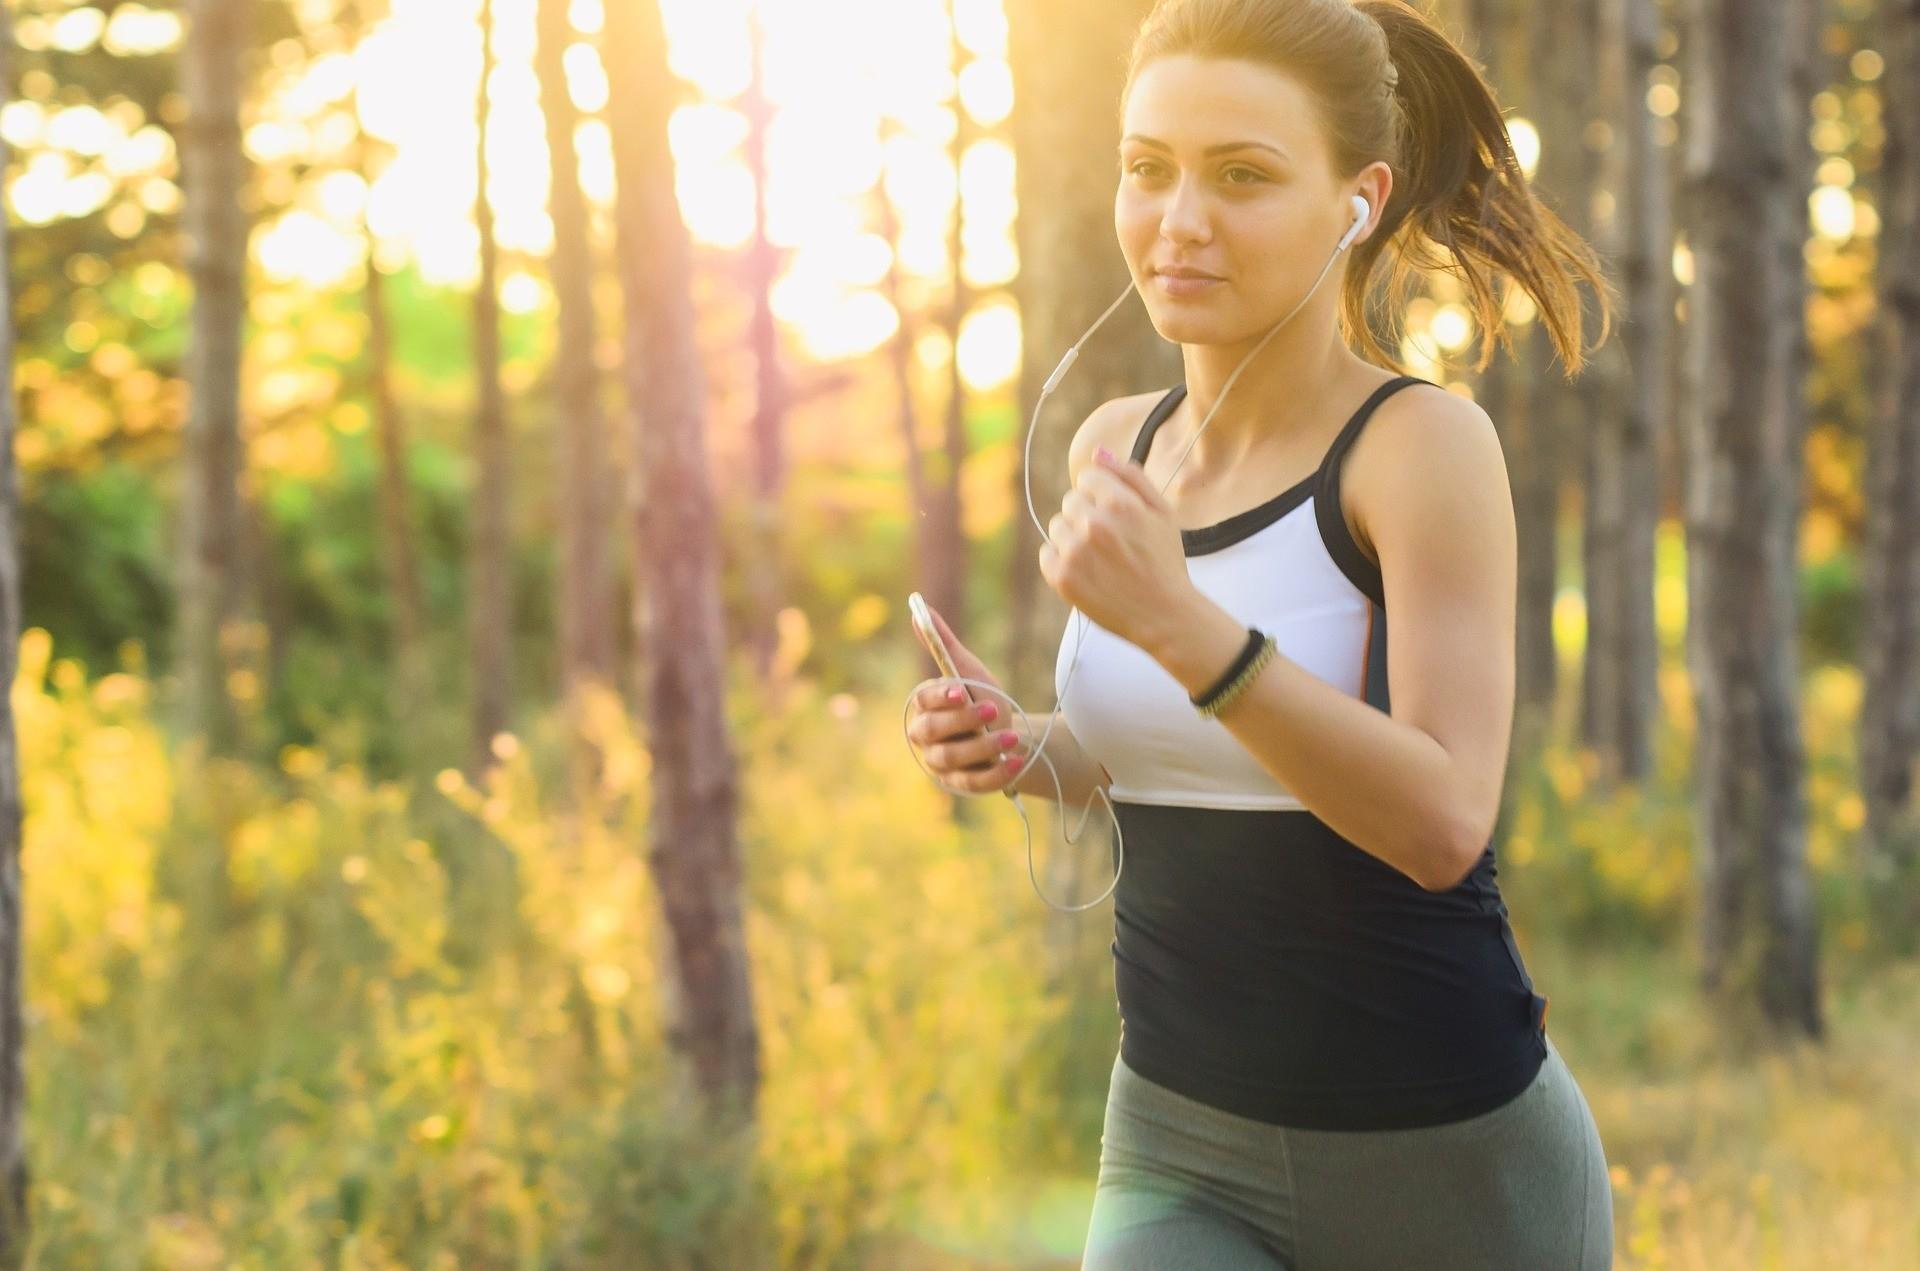 Утренняя пробежка: польза и вред (да, он тоже может быть)